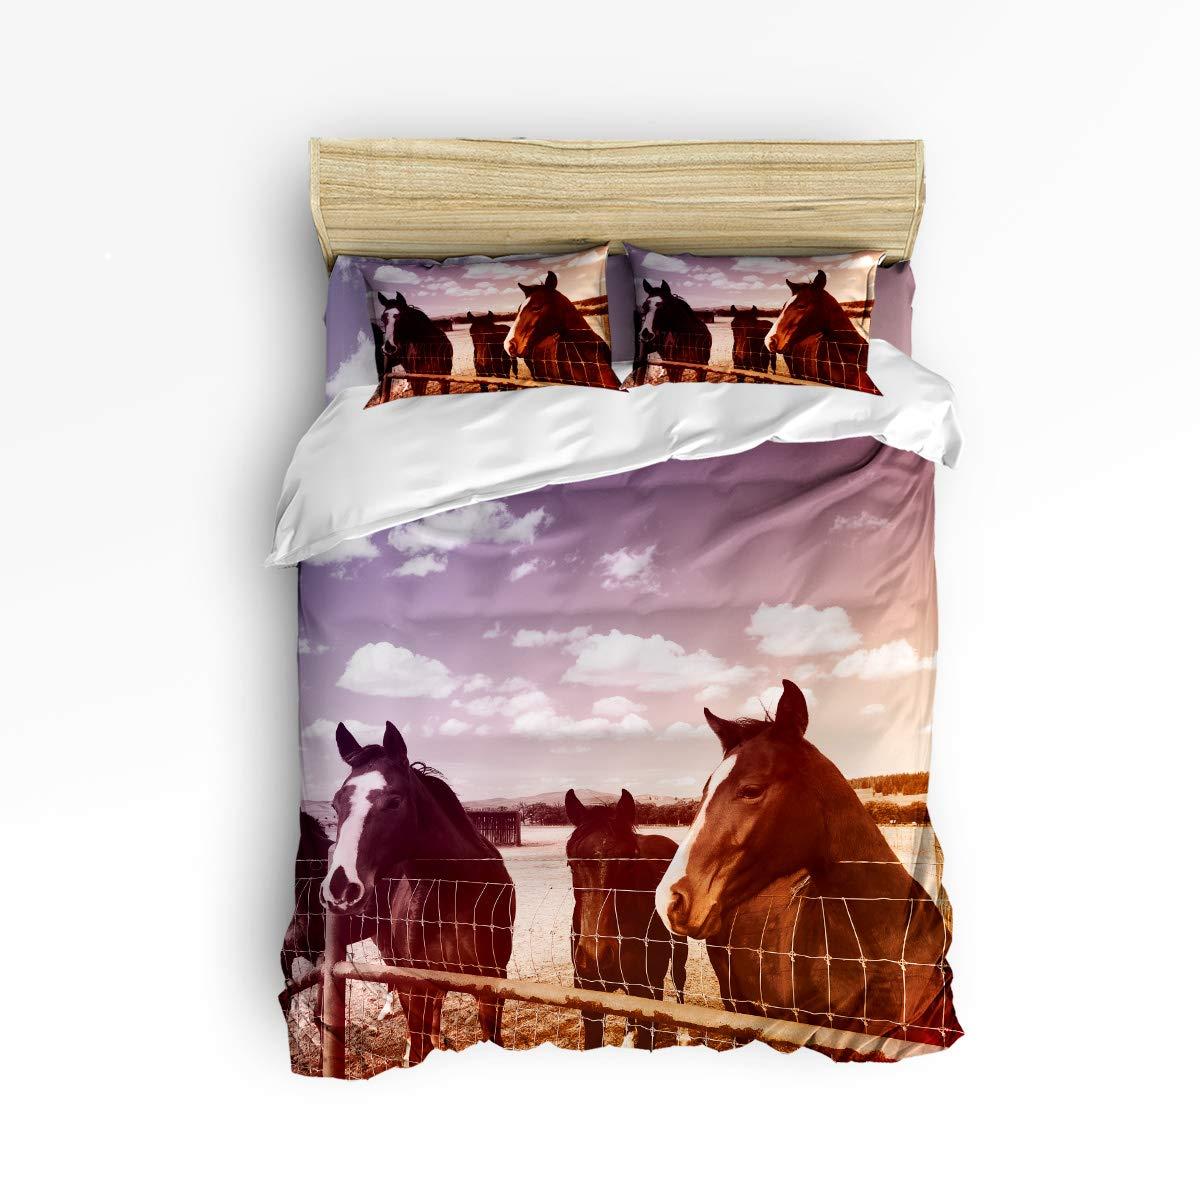 クイーンエリア寝具4点セット スーパーソフト 暖かい 高級 昼寝用ダウン生地 掛け布団カバーセット ブラックホワイト チューリップフラワー クイーン gml181121-queen-001SCRY00078SJTCQAA B07KR3YPKS Horse-002qaa8182 クイーン